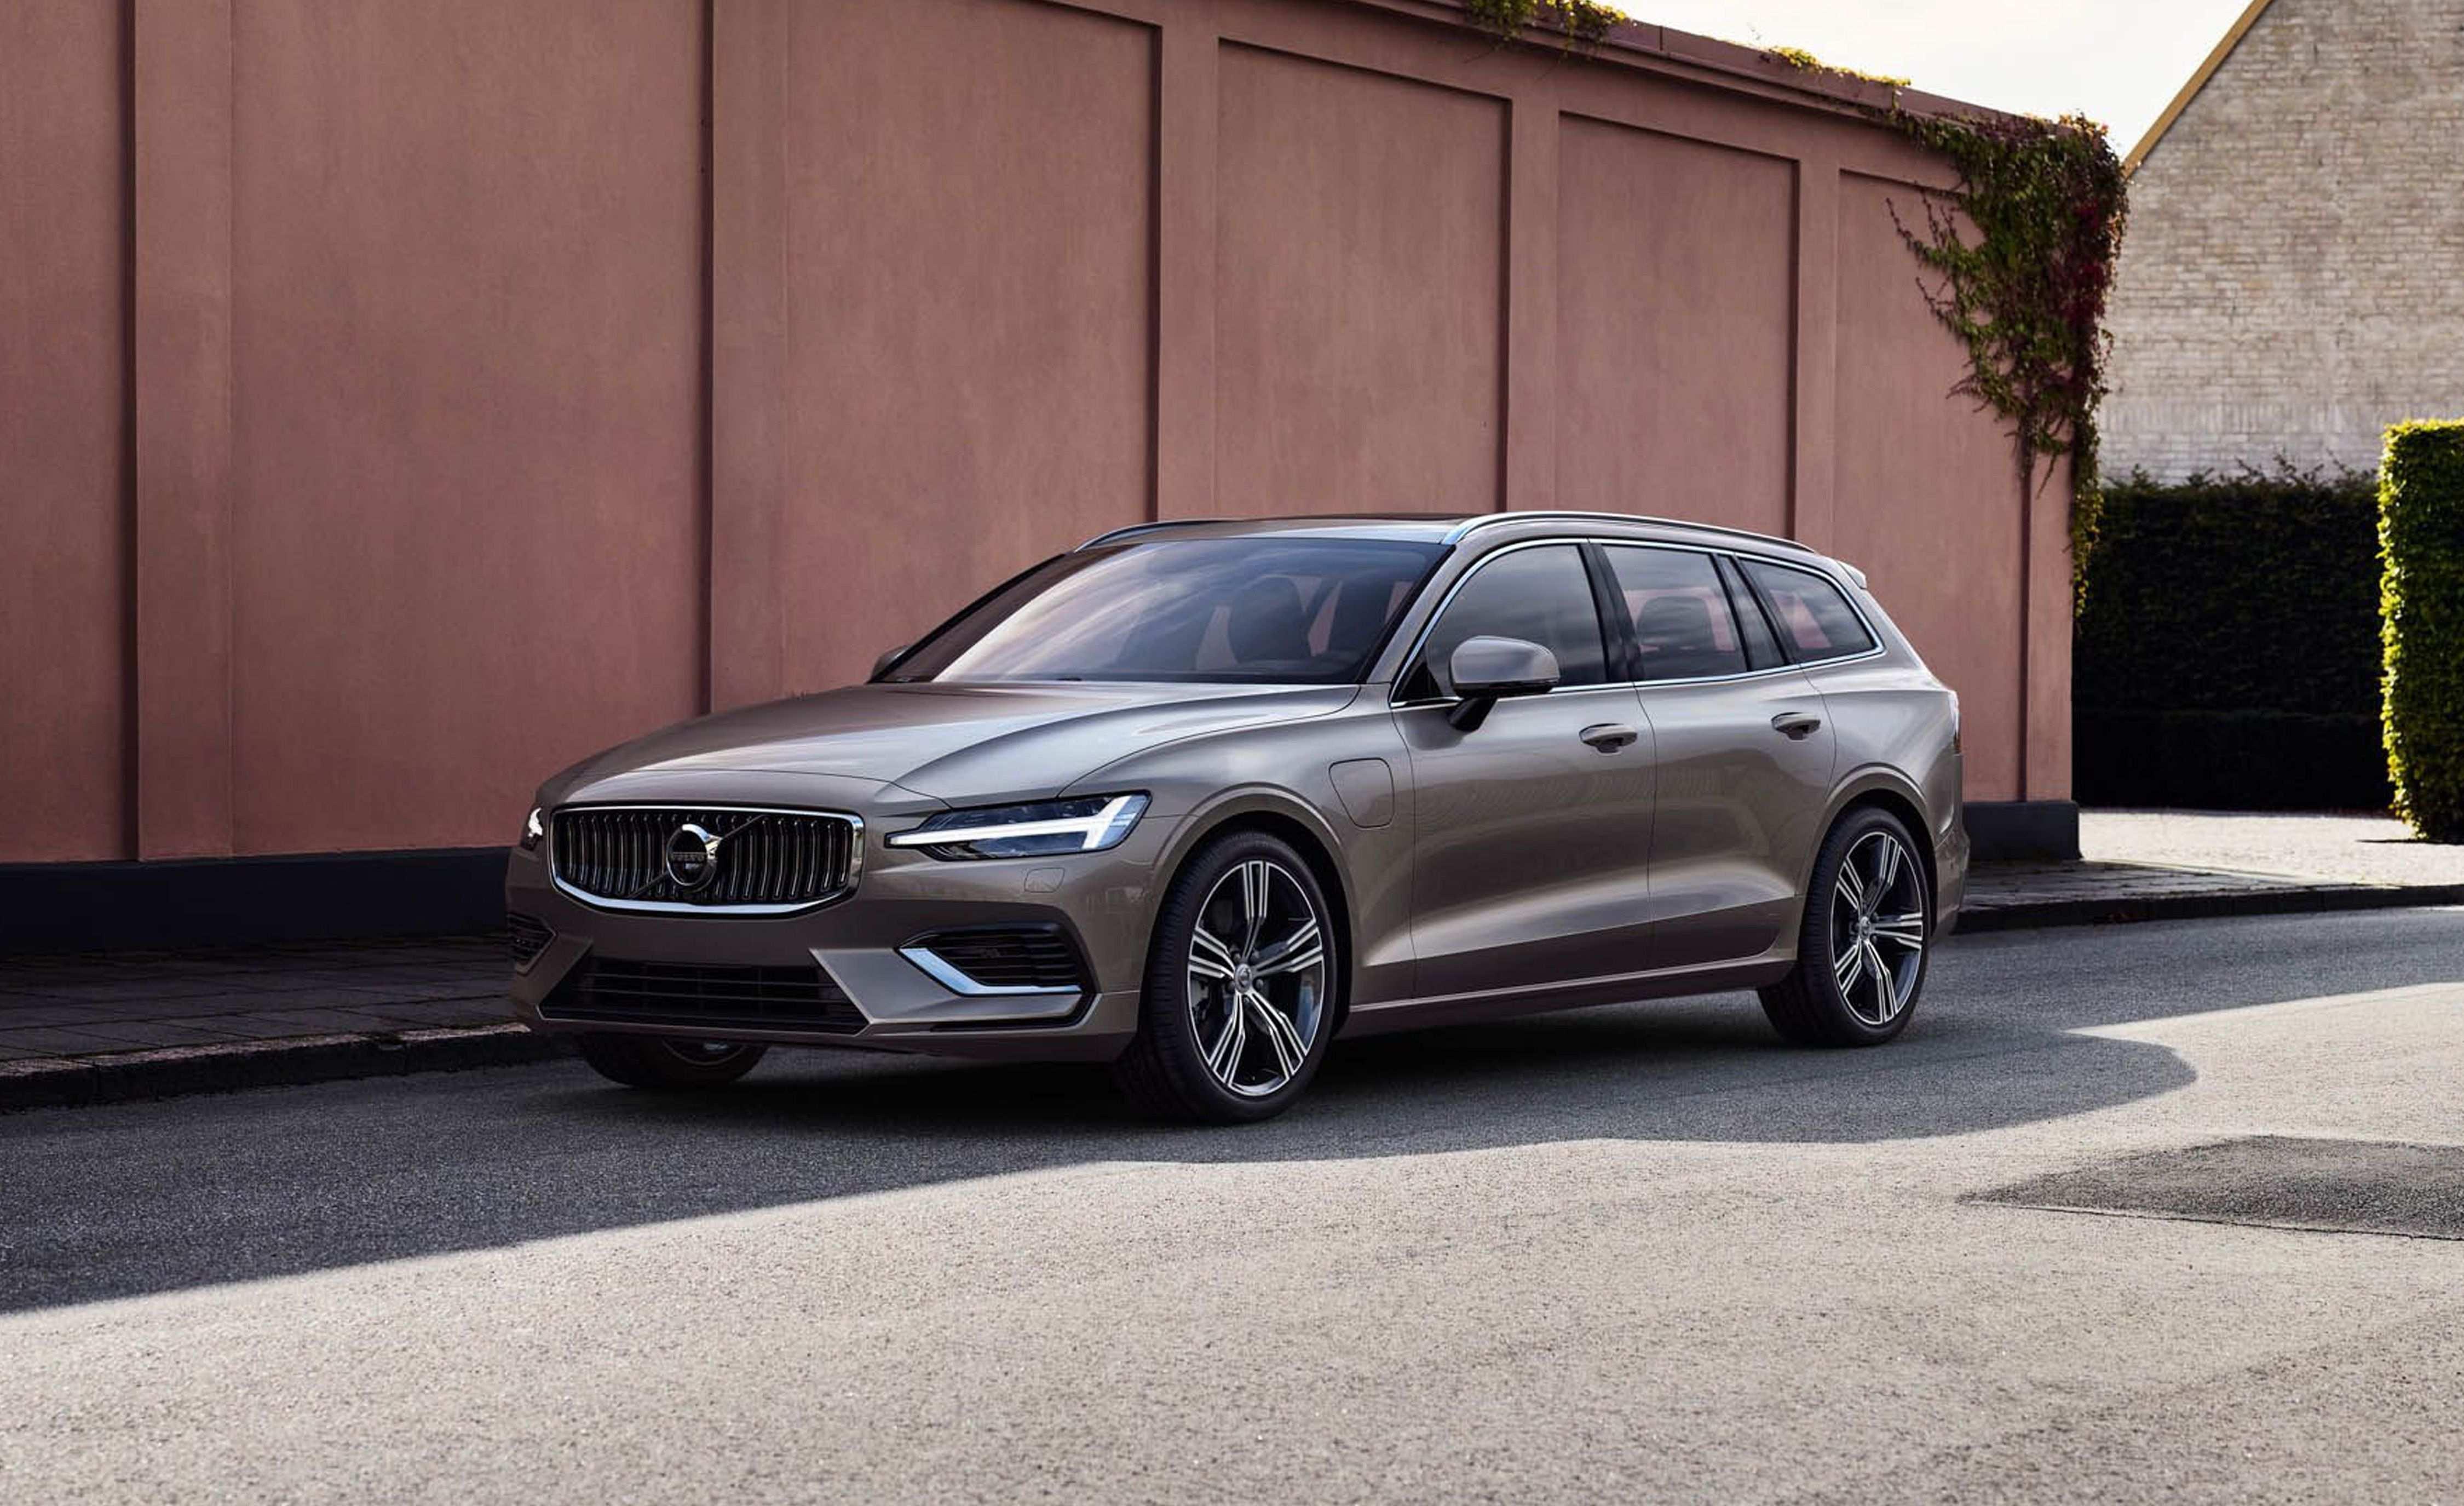 57 New 2019 Volvo V60 Polestar Configurations by 2019 Volvo V60 Polestar